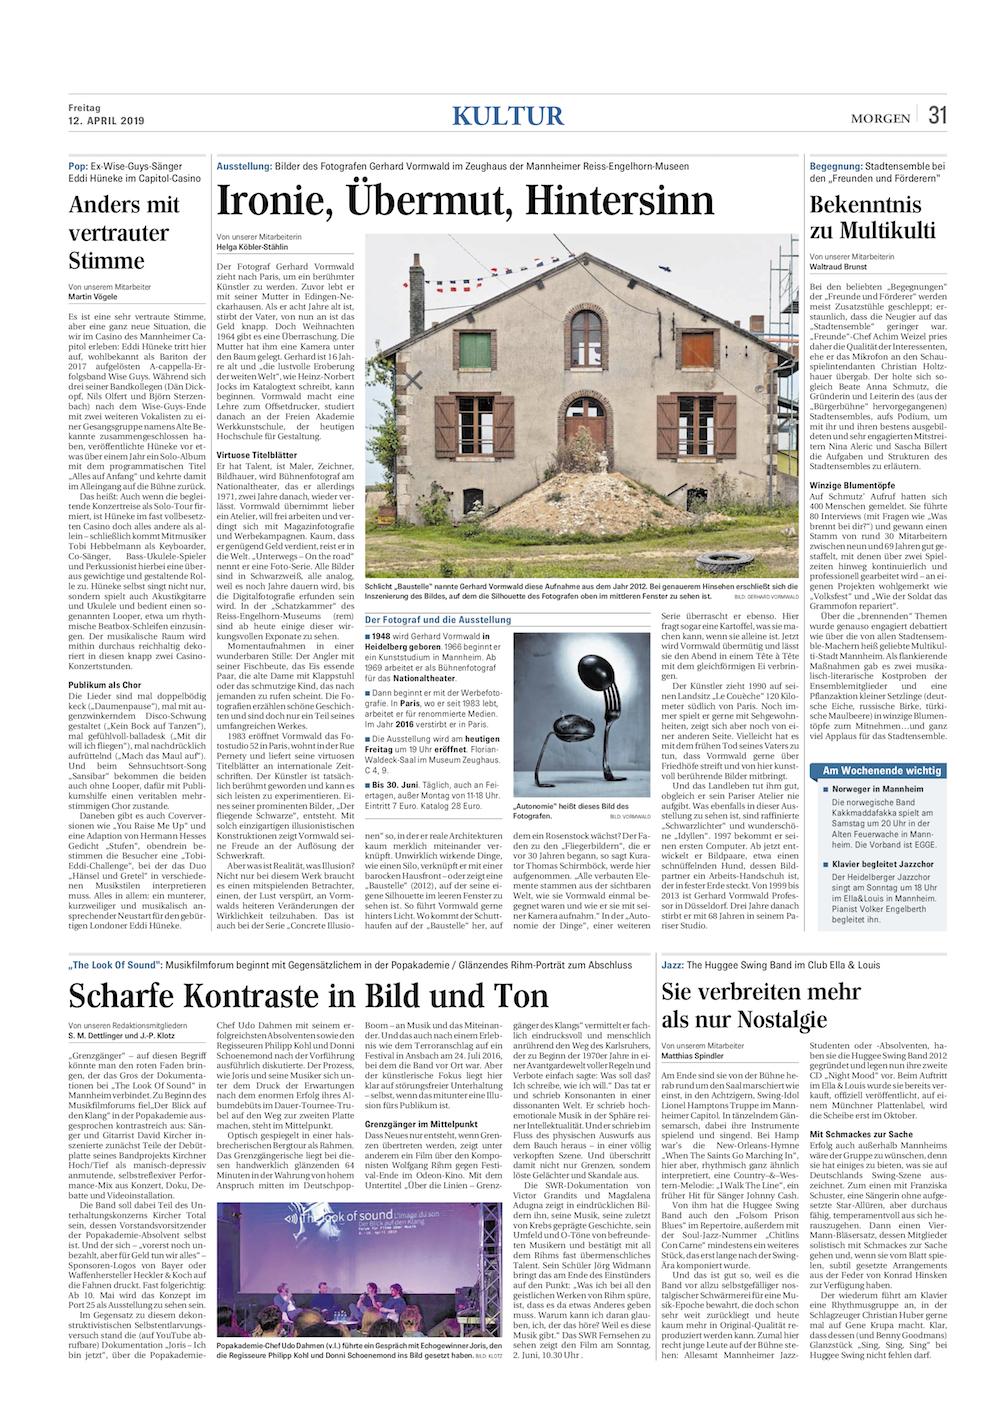 12.04.2019  Mannheimer Morgen  Ironie, Übermut, Hintersinn